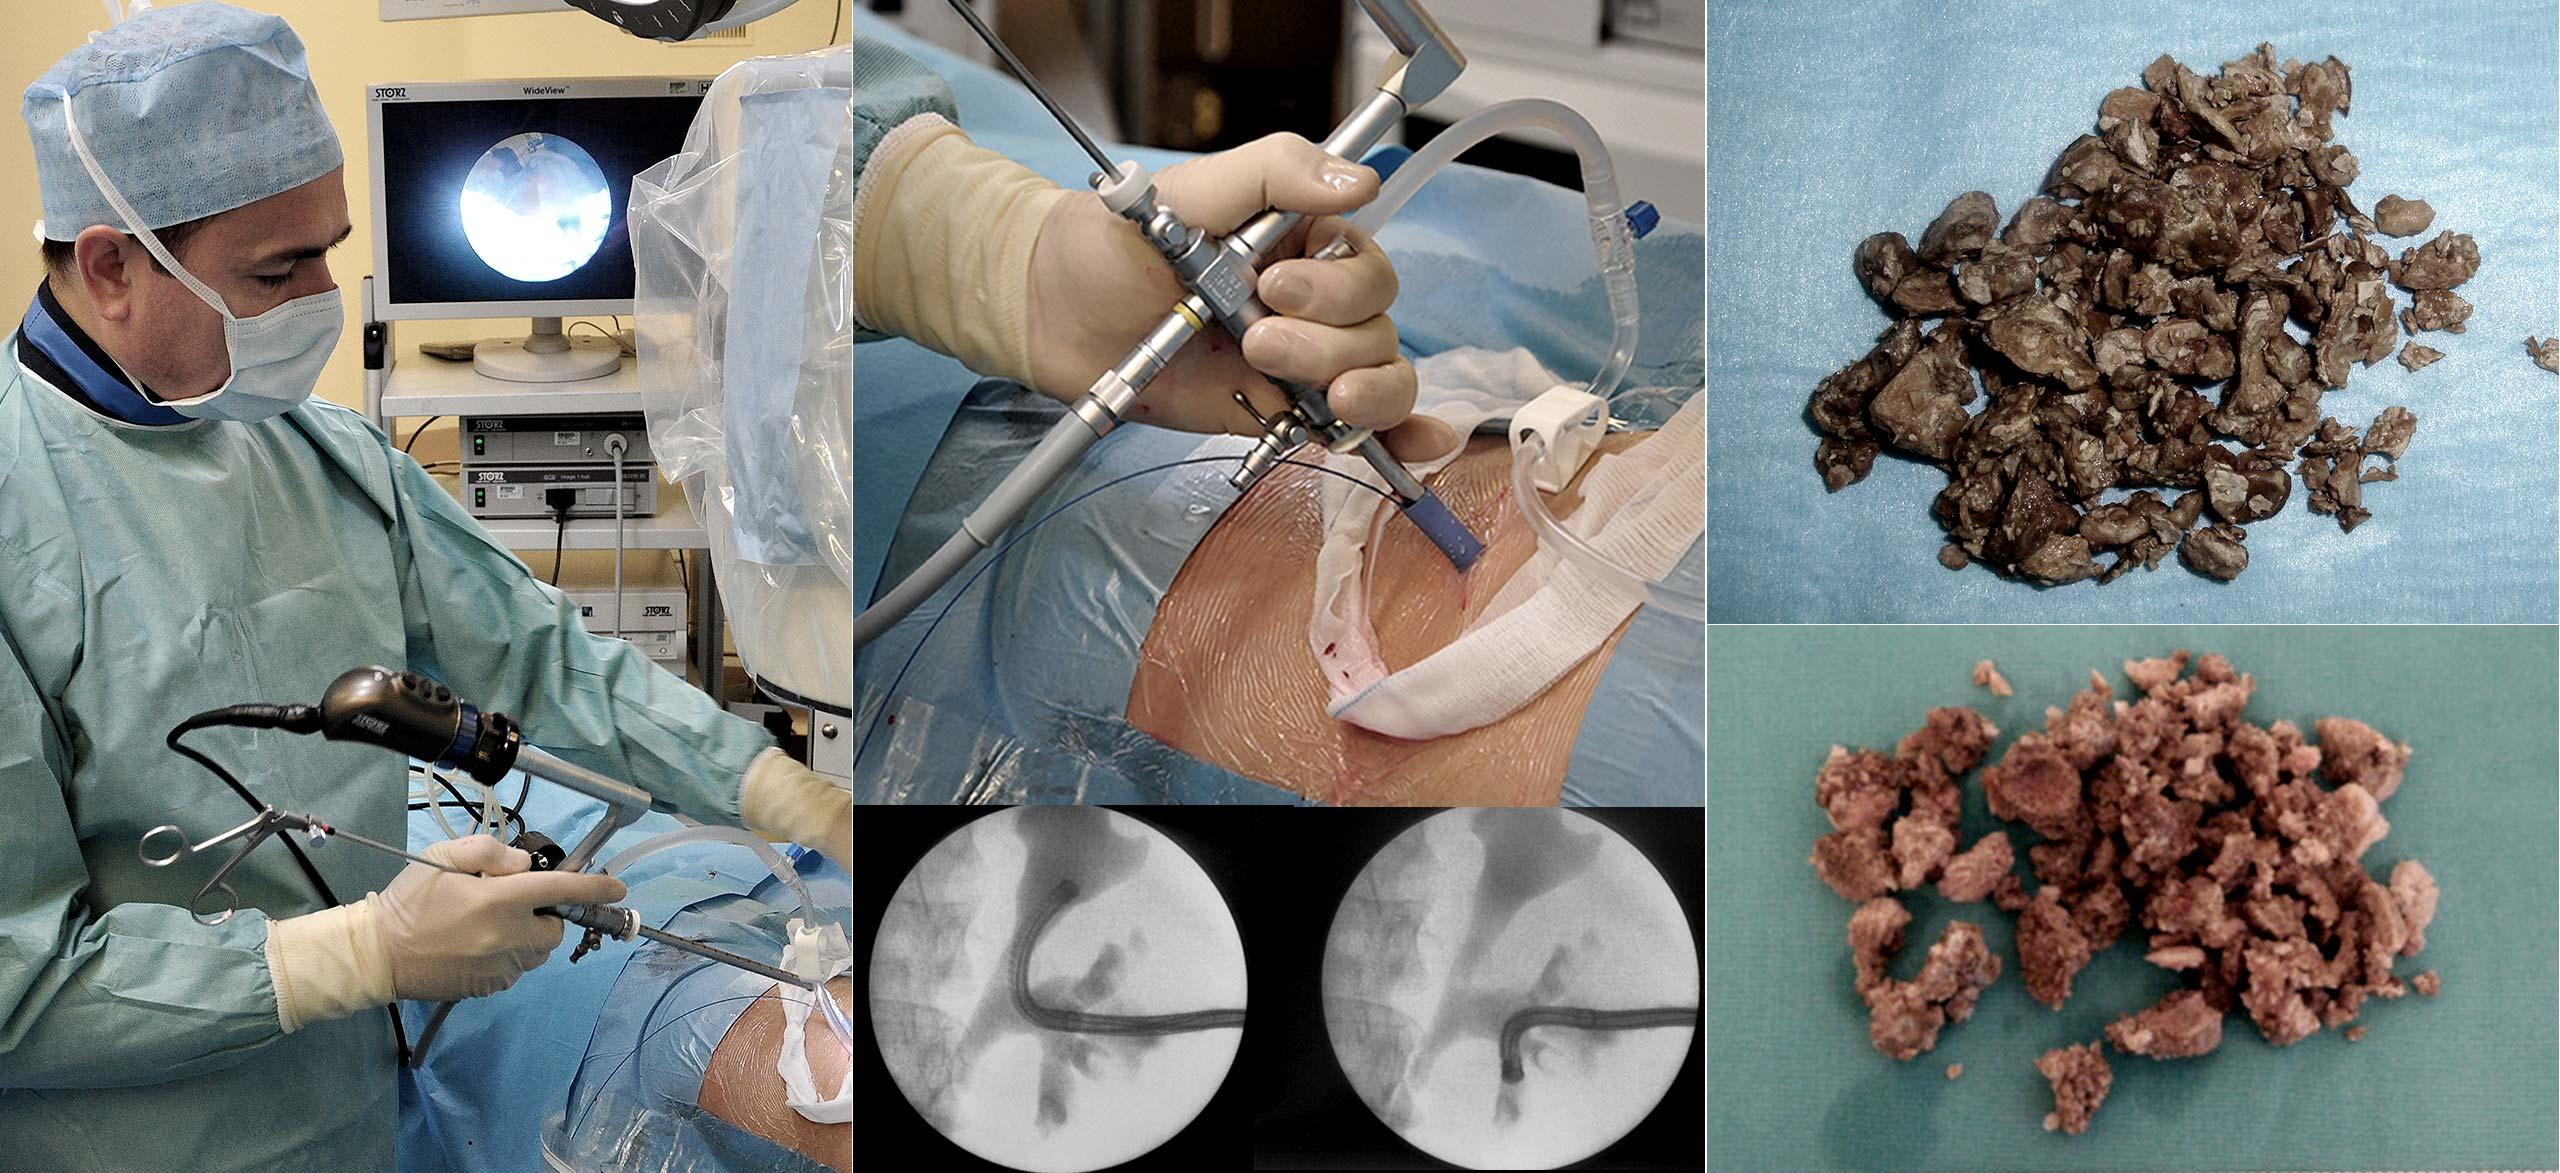 Perkütan böbrek cerrahisi nasıl uygulanır? - Prof. Dr. Sinan Zeren